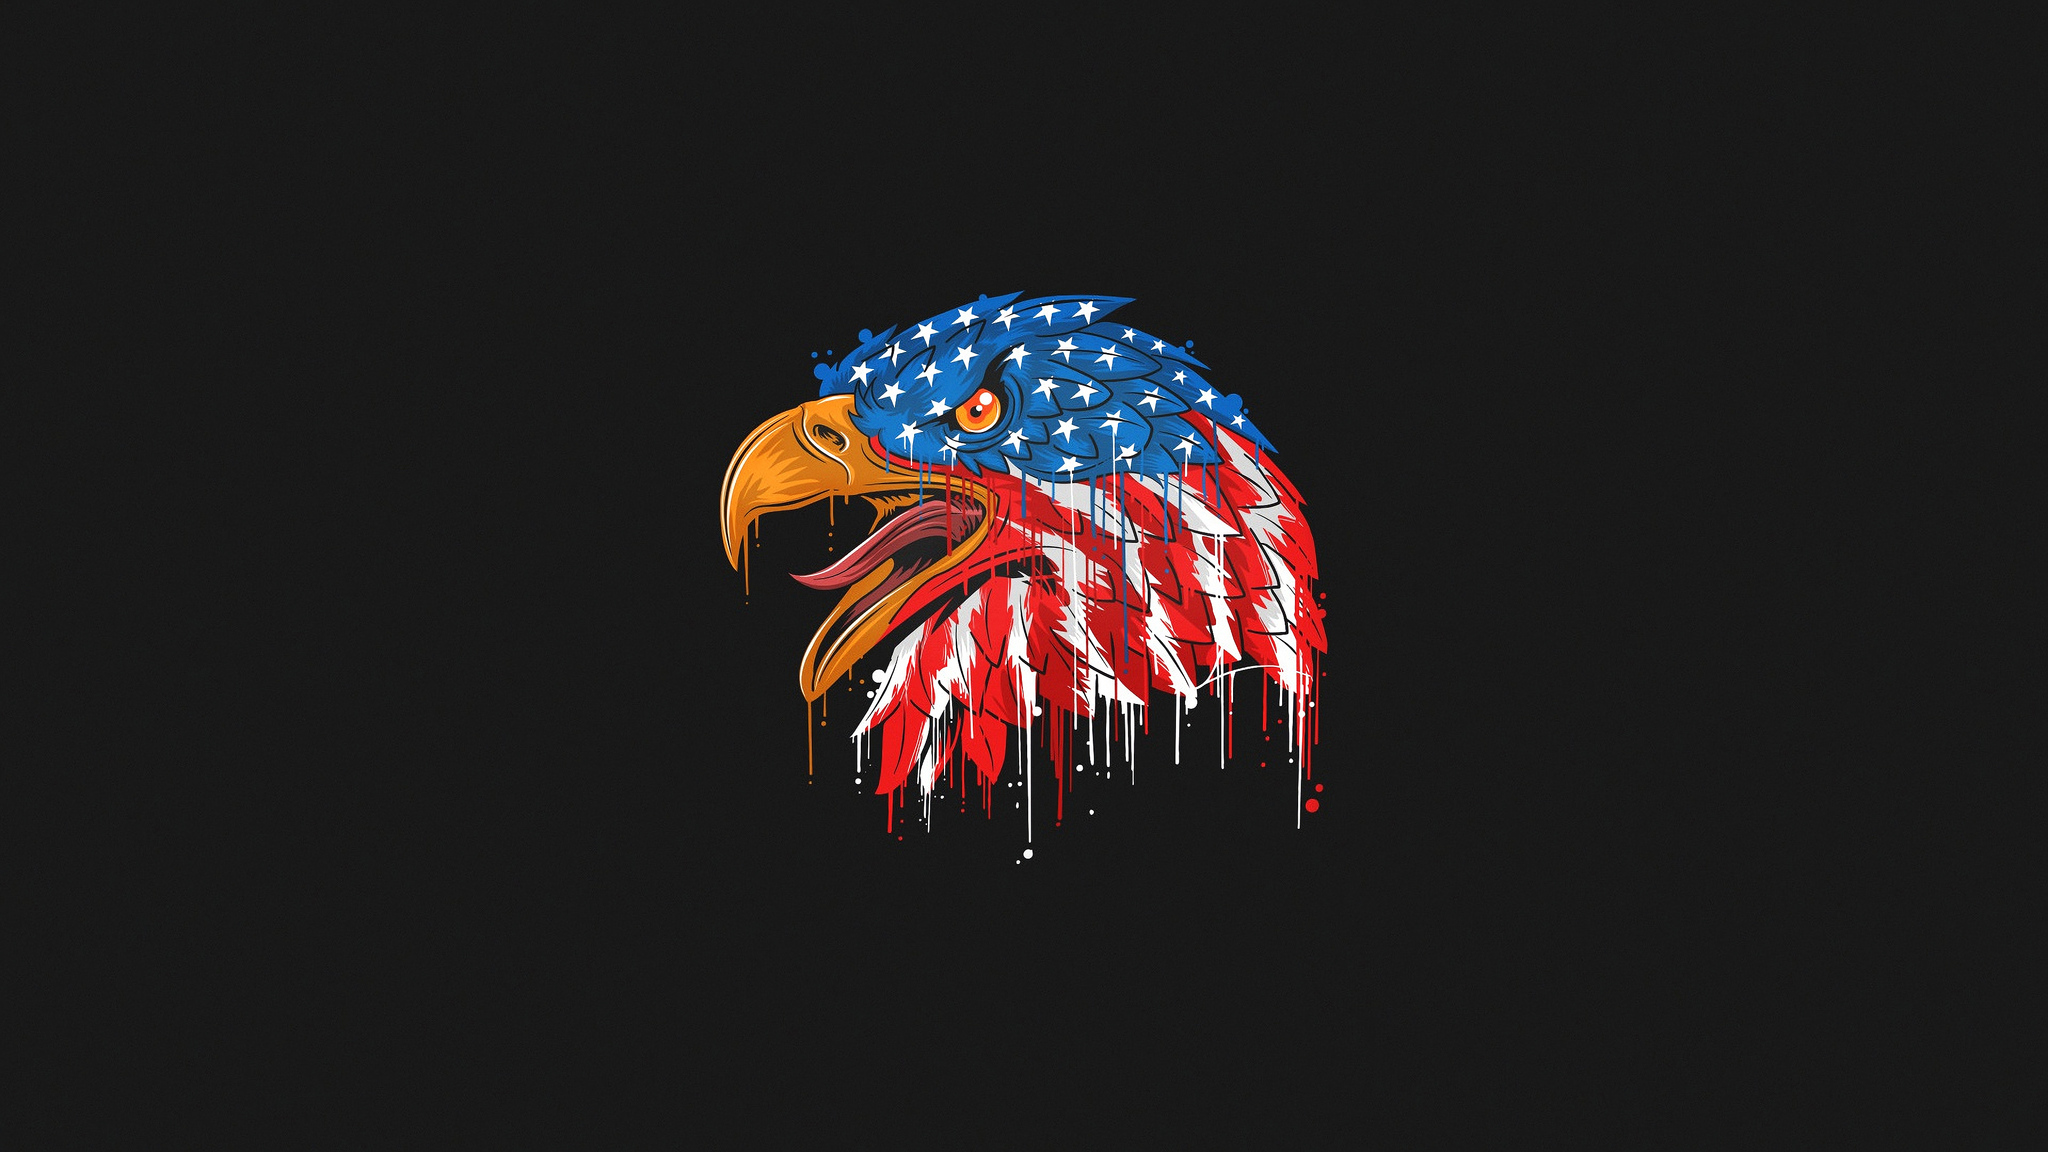 2048x1152 American Flag Eagle Minimal 4k 2048x1152 Resolution Hd